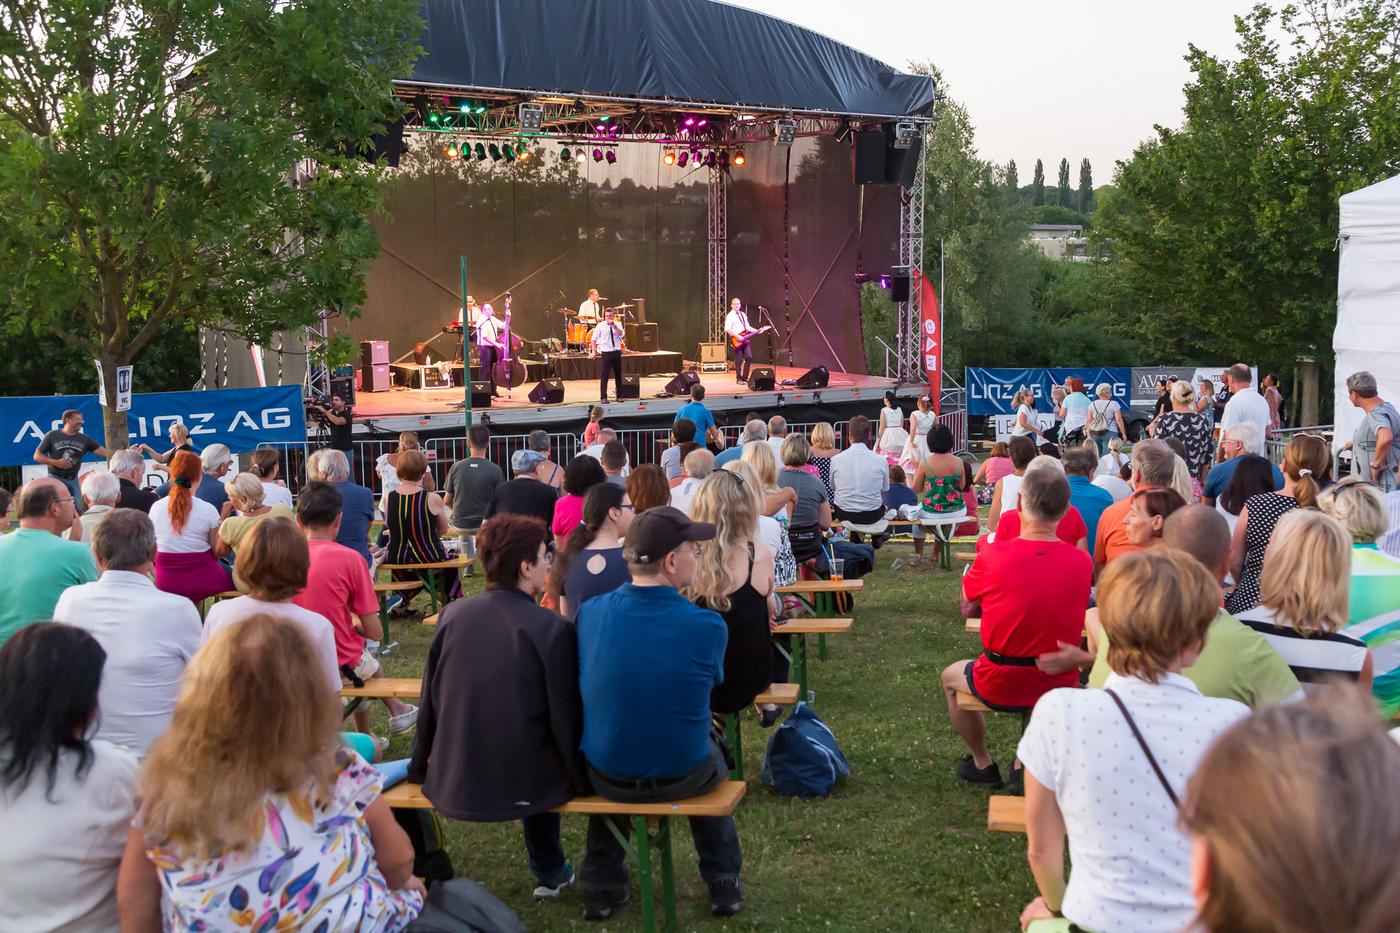 Leute auf Bierbänken in einer Wiese sitzend, vorne Bühne mit Lichteffekten